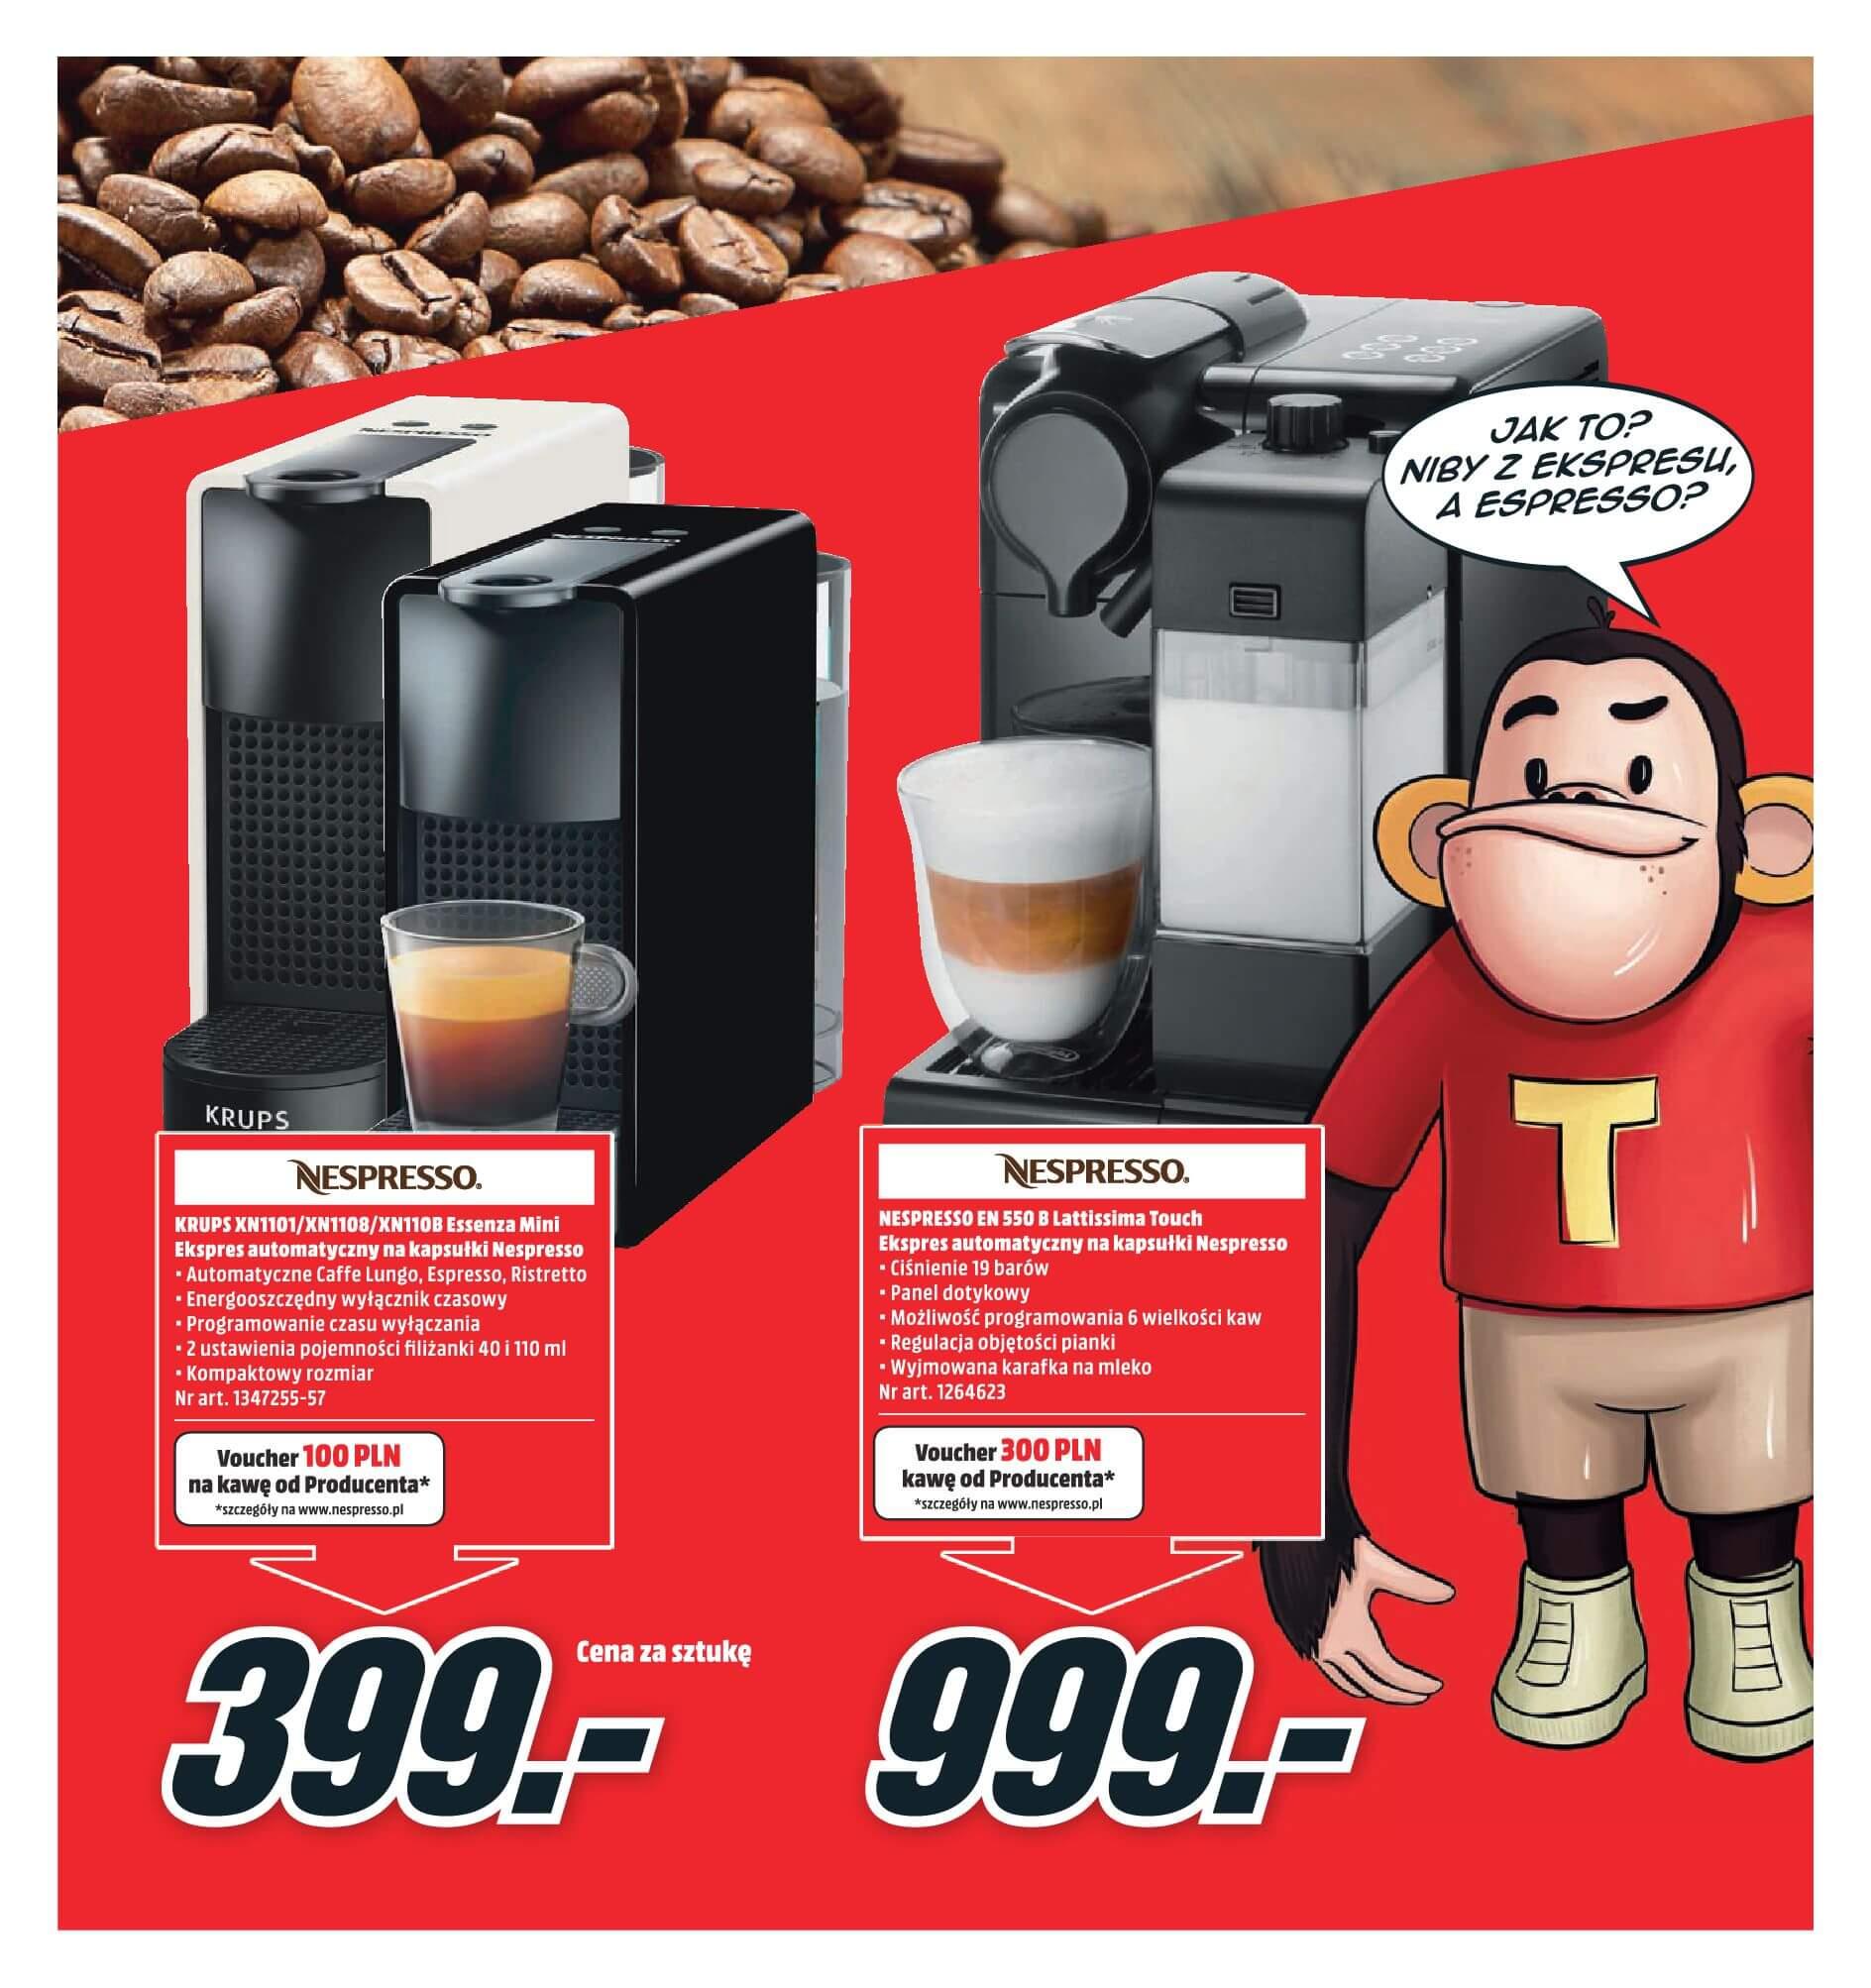 Gazetka Media Markt - Oferta na ekspresy do kawy, blendery, odkurzacze-2017-11-19-2017-12-10-page-7